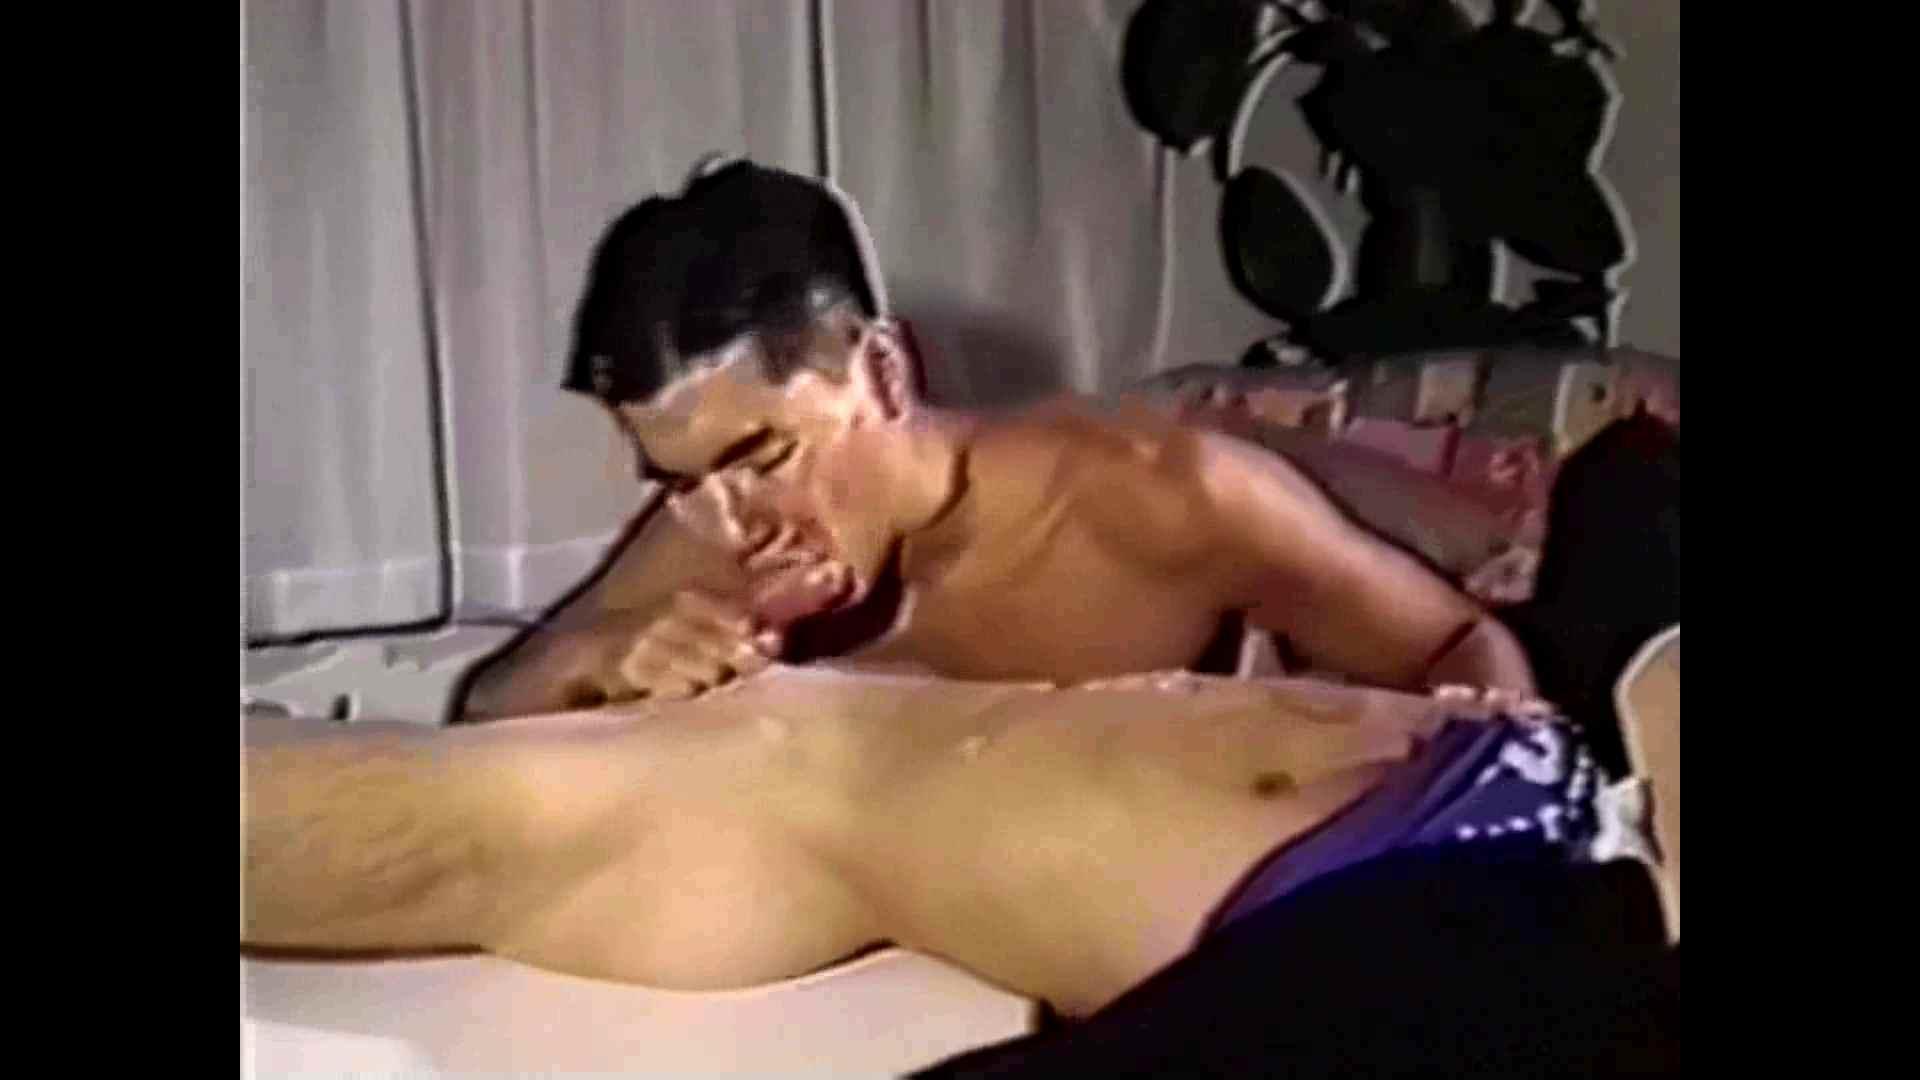 往年の名作 ヤングマン Vol.02 無修正 ゲイセックス画像 108pic 92